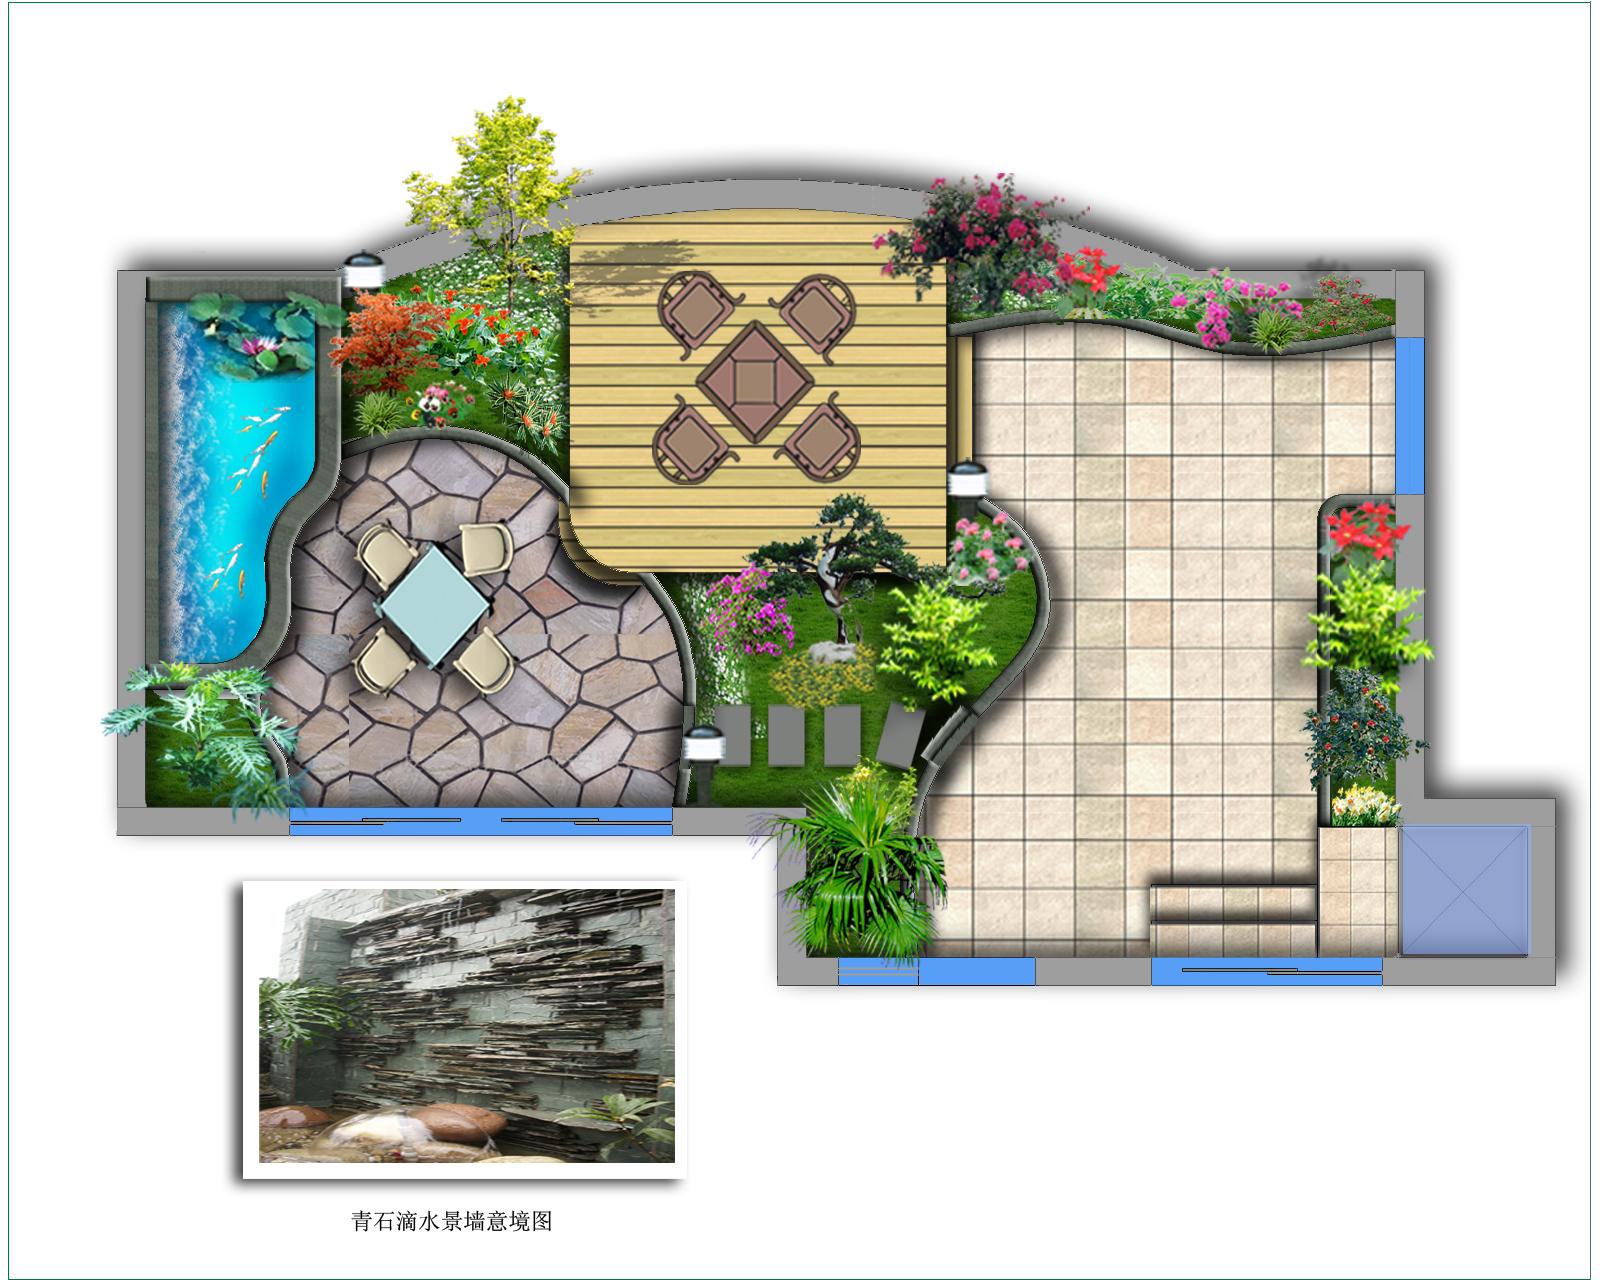 4月主题:屋顶花园